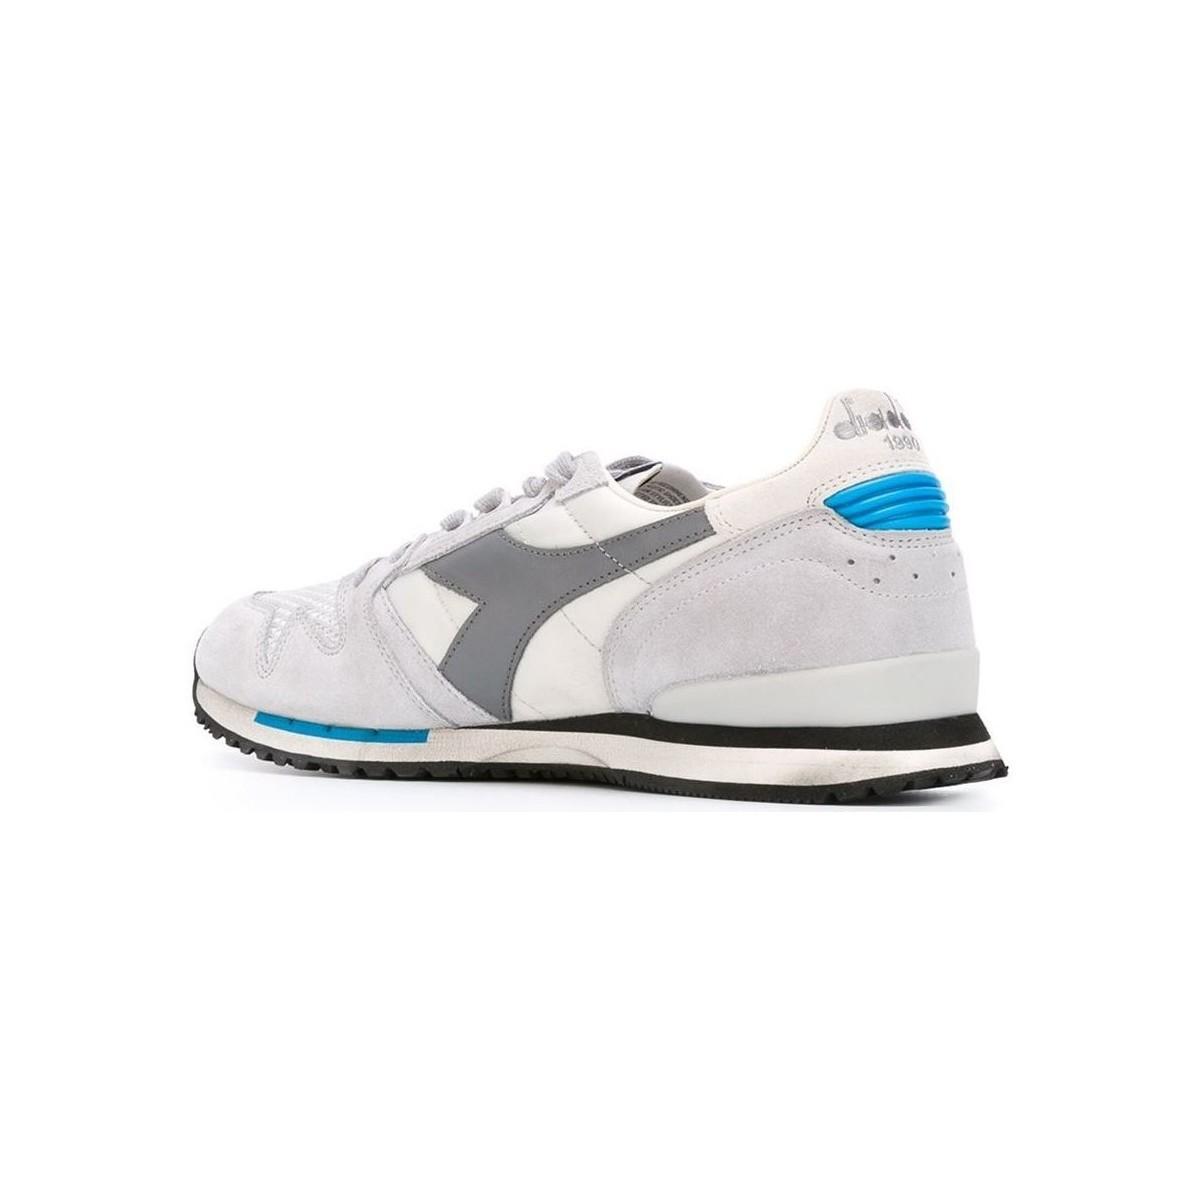 BASKETS HOMME Chaussures Diadora pour homme en coloris Gris 1qy7